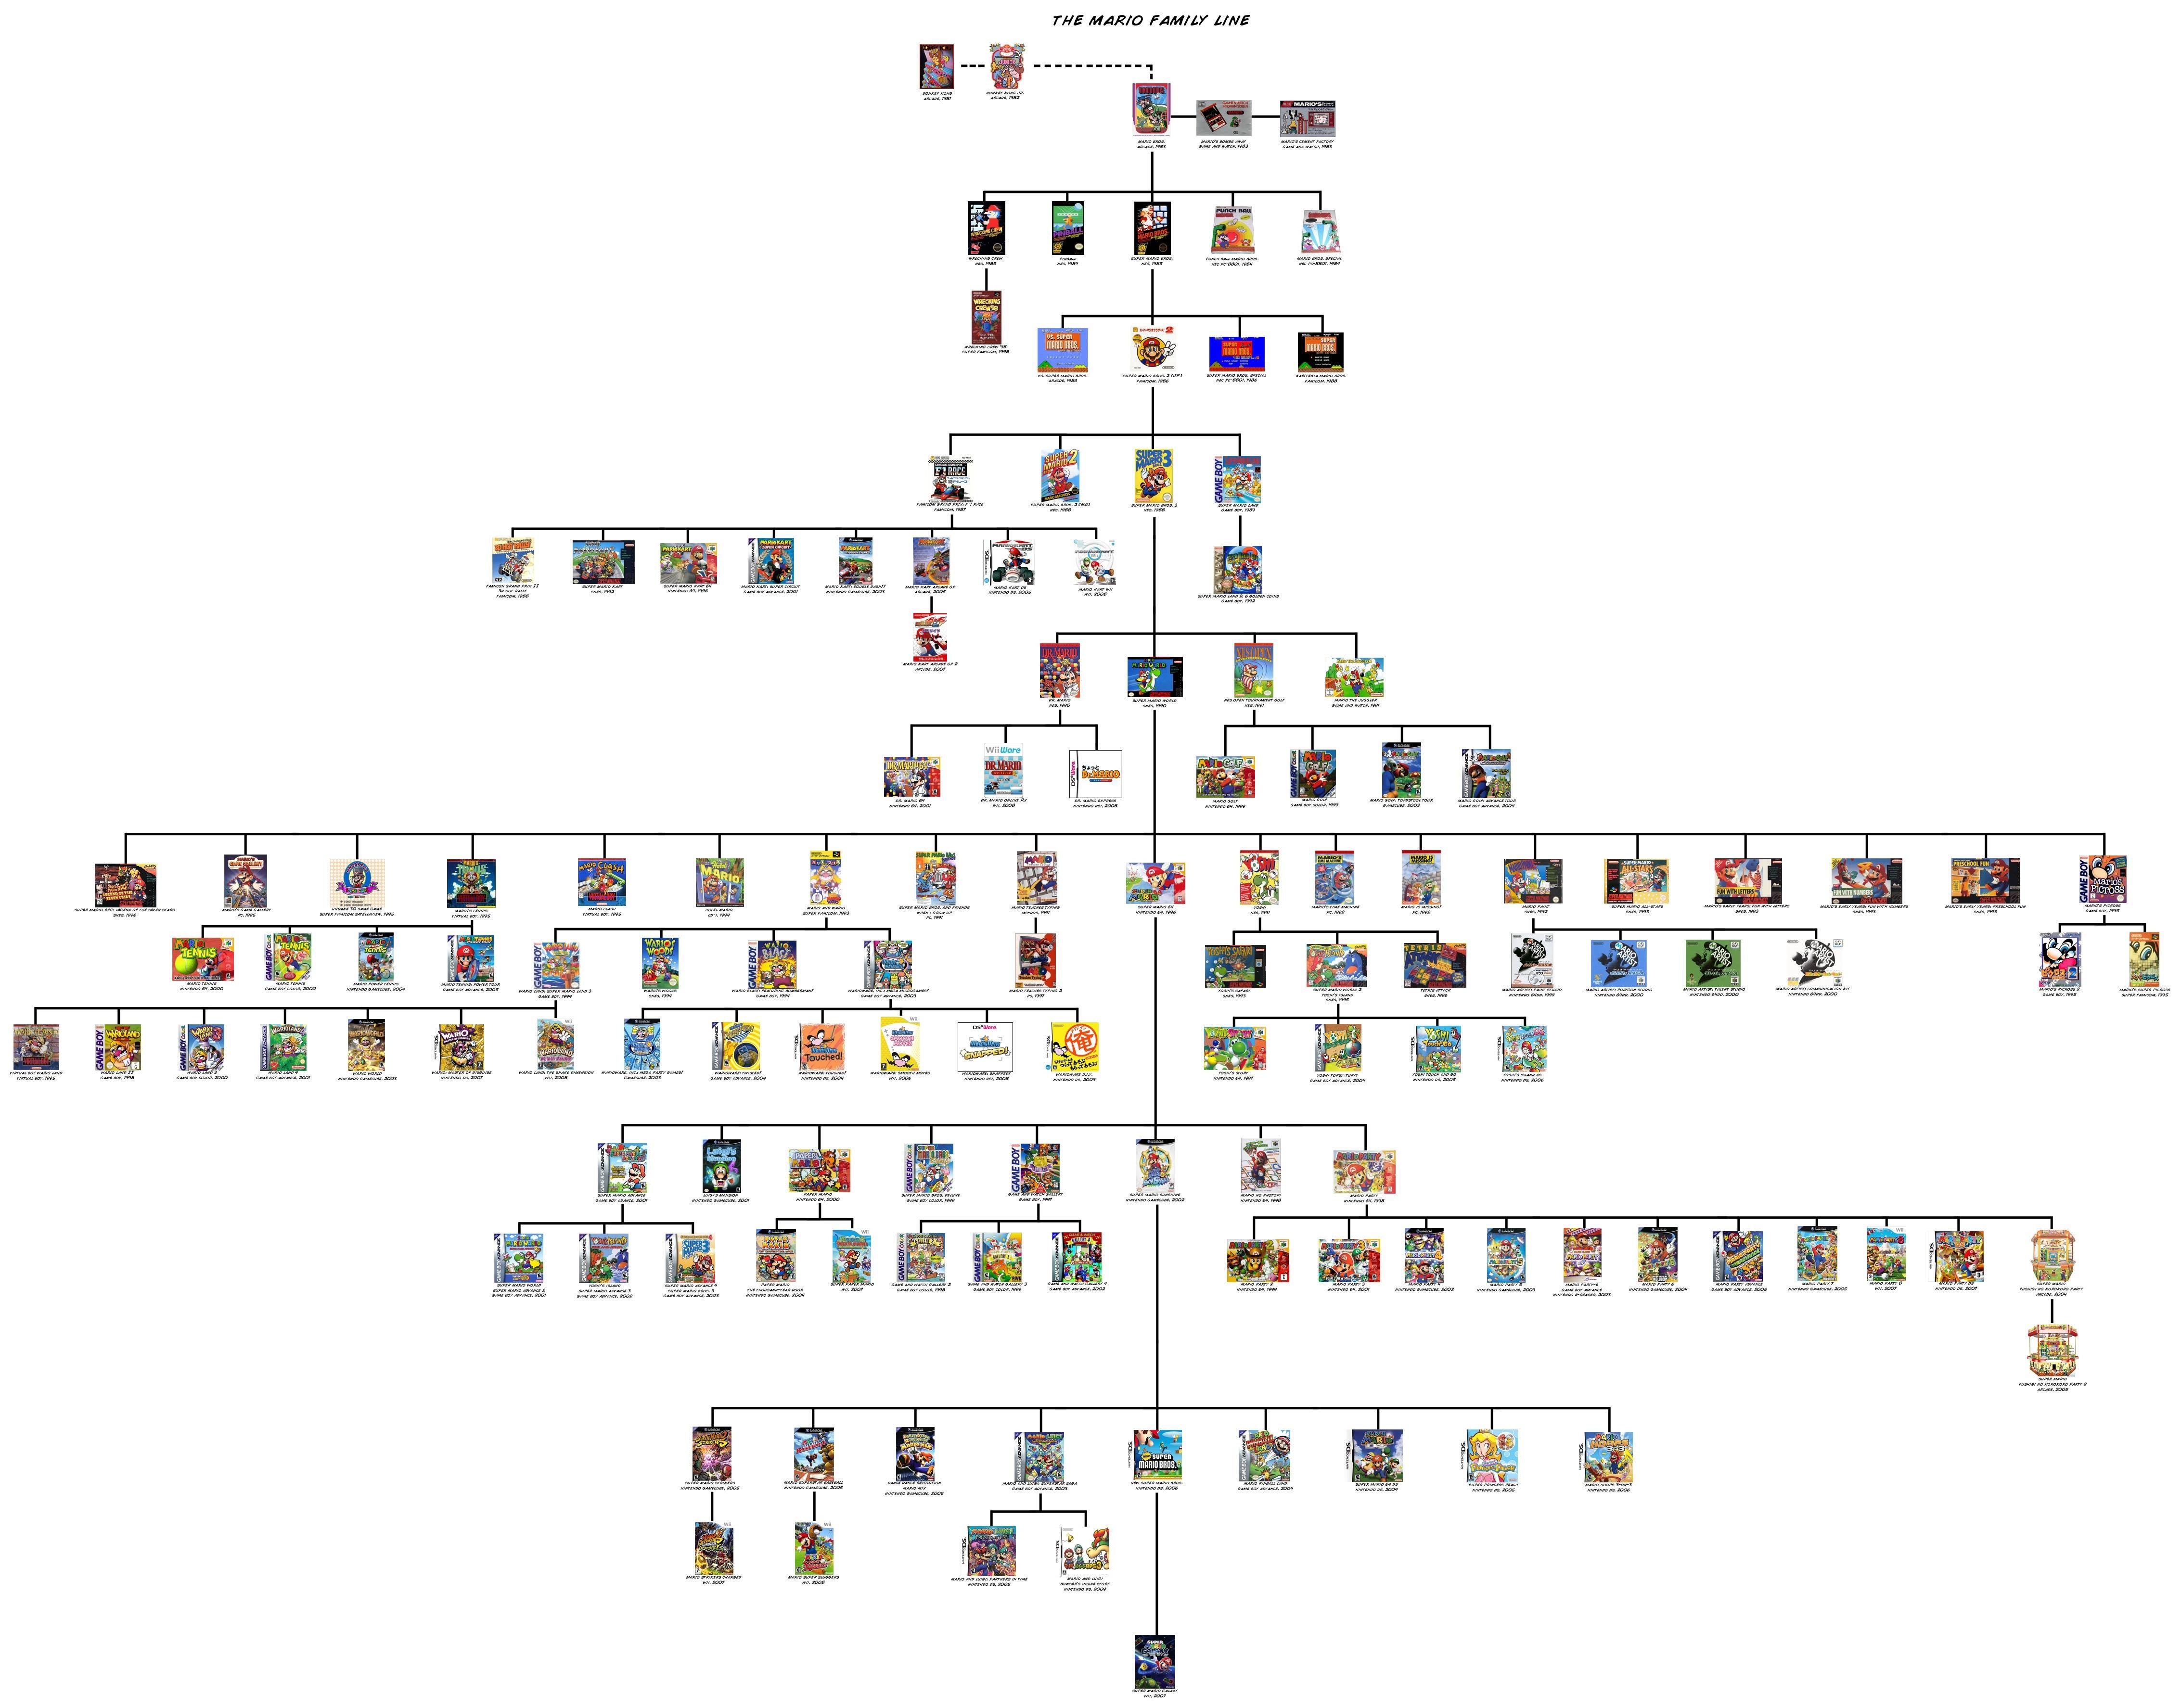 Le dernier jeu de l'arbre est mario galaxy (2007), si vous avez de